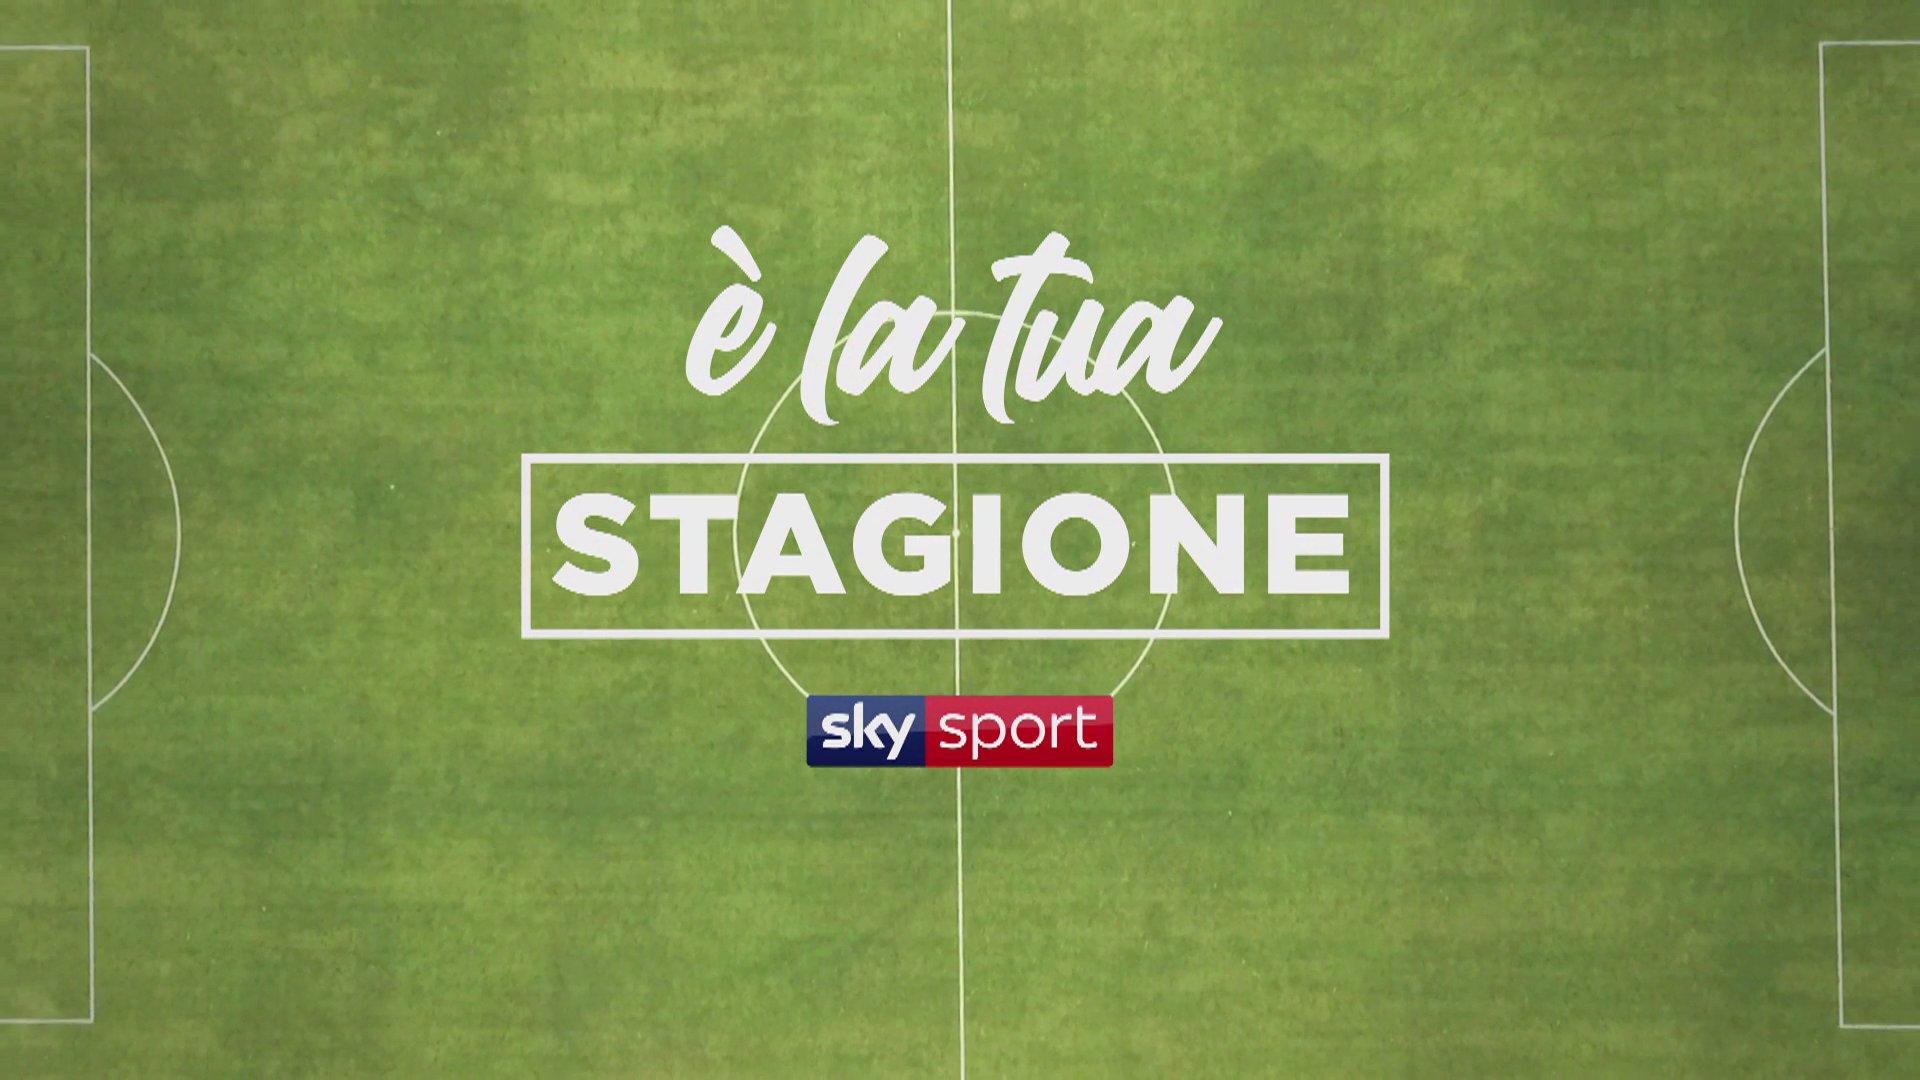 Sky Sport, nasce una stagione di sport incredibile. Un nuovo capitolo, tutto da scrivere